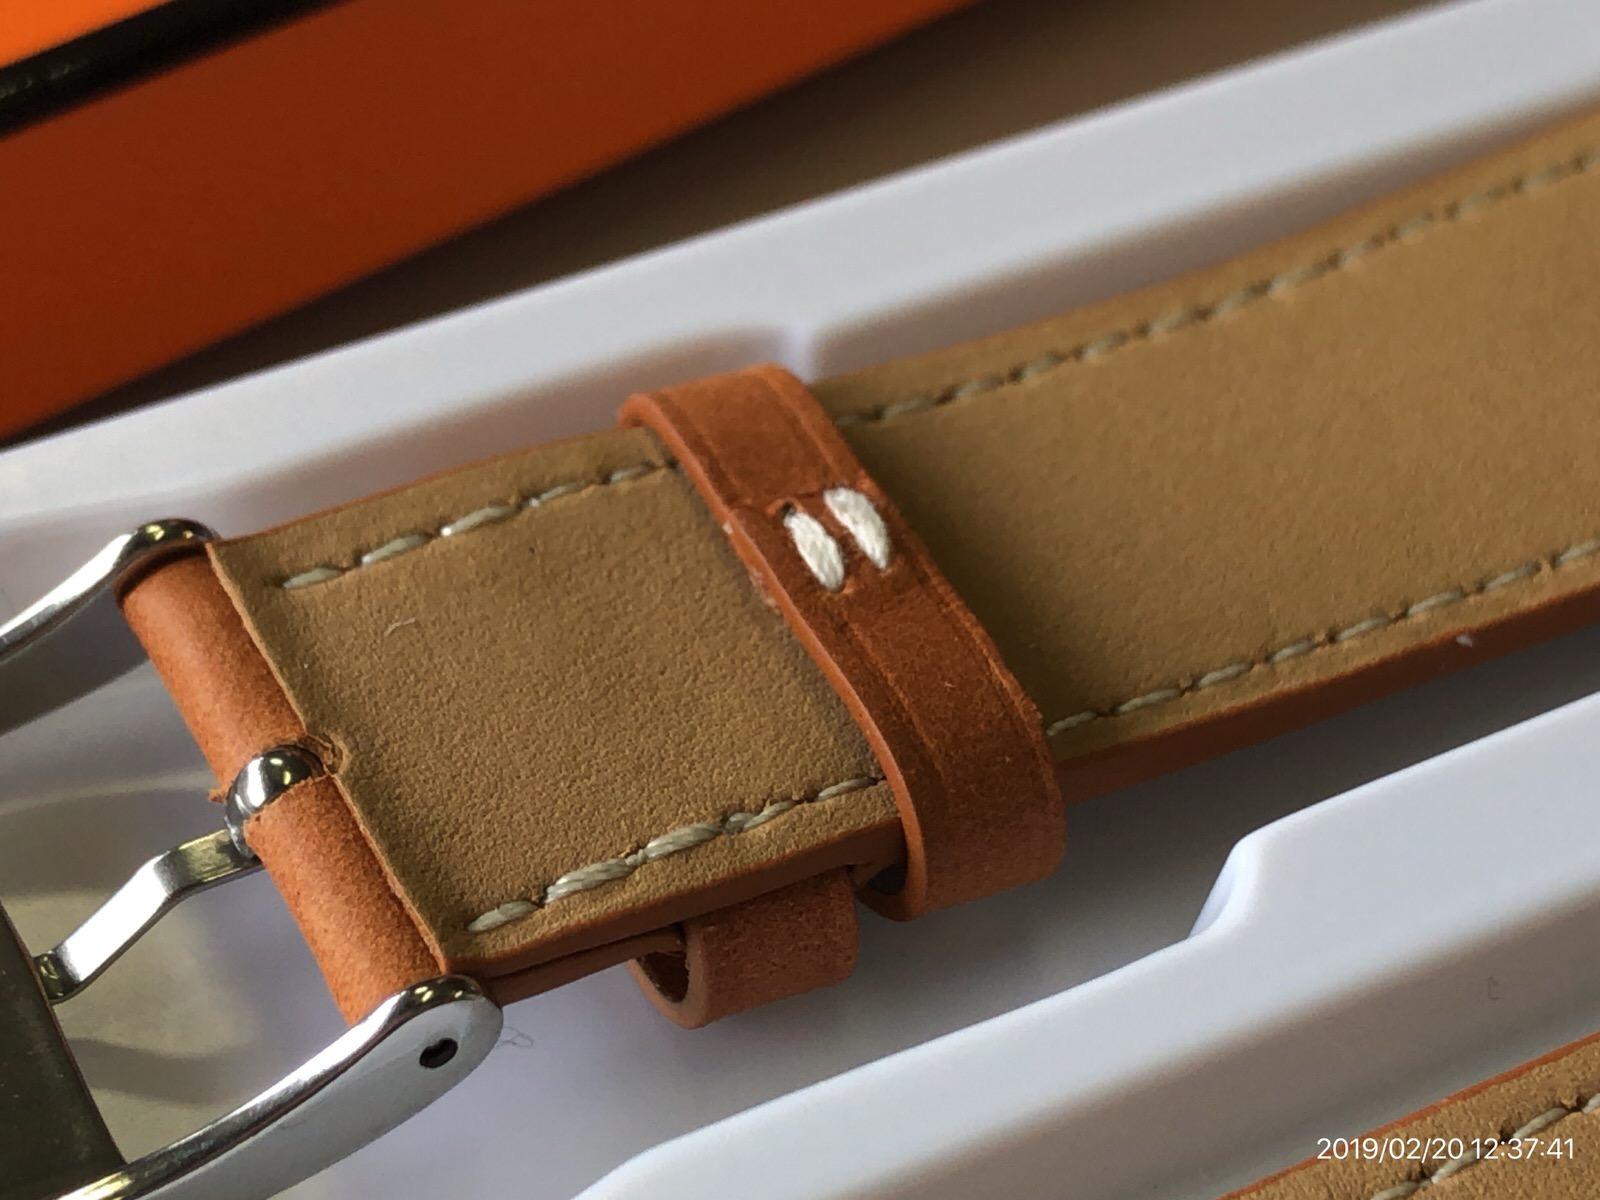 BRG コンパチブル Apple Watch Series 4(44mm)本革バンド(ブラウン)−5